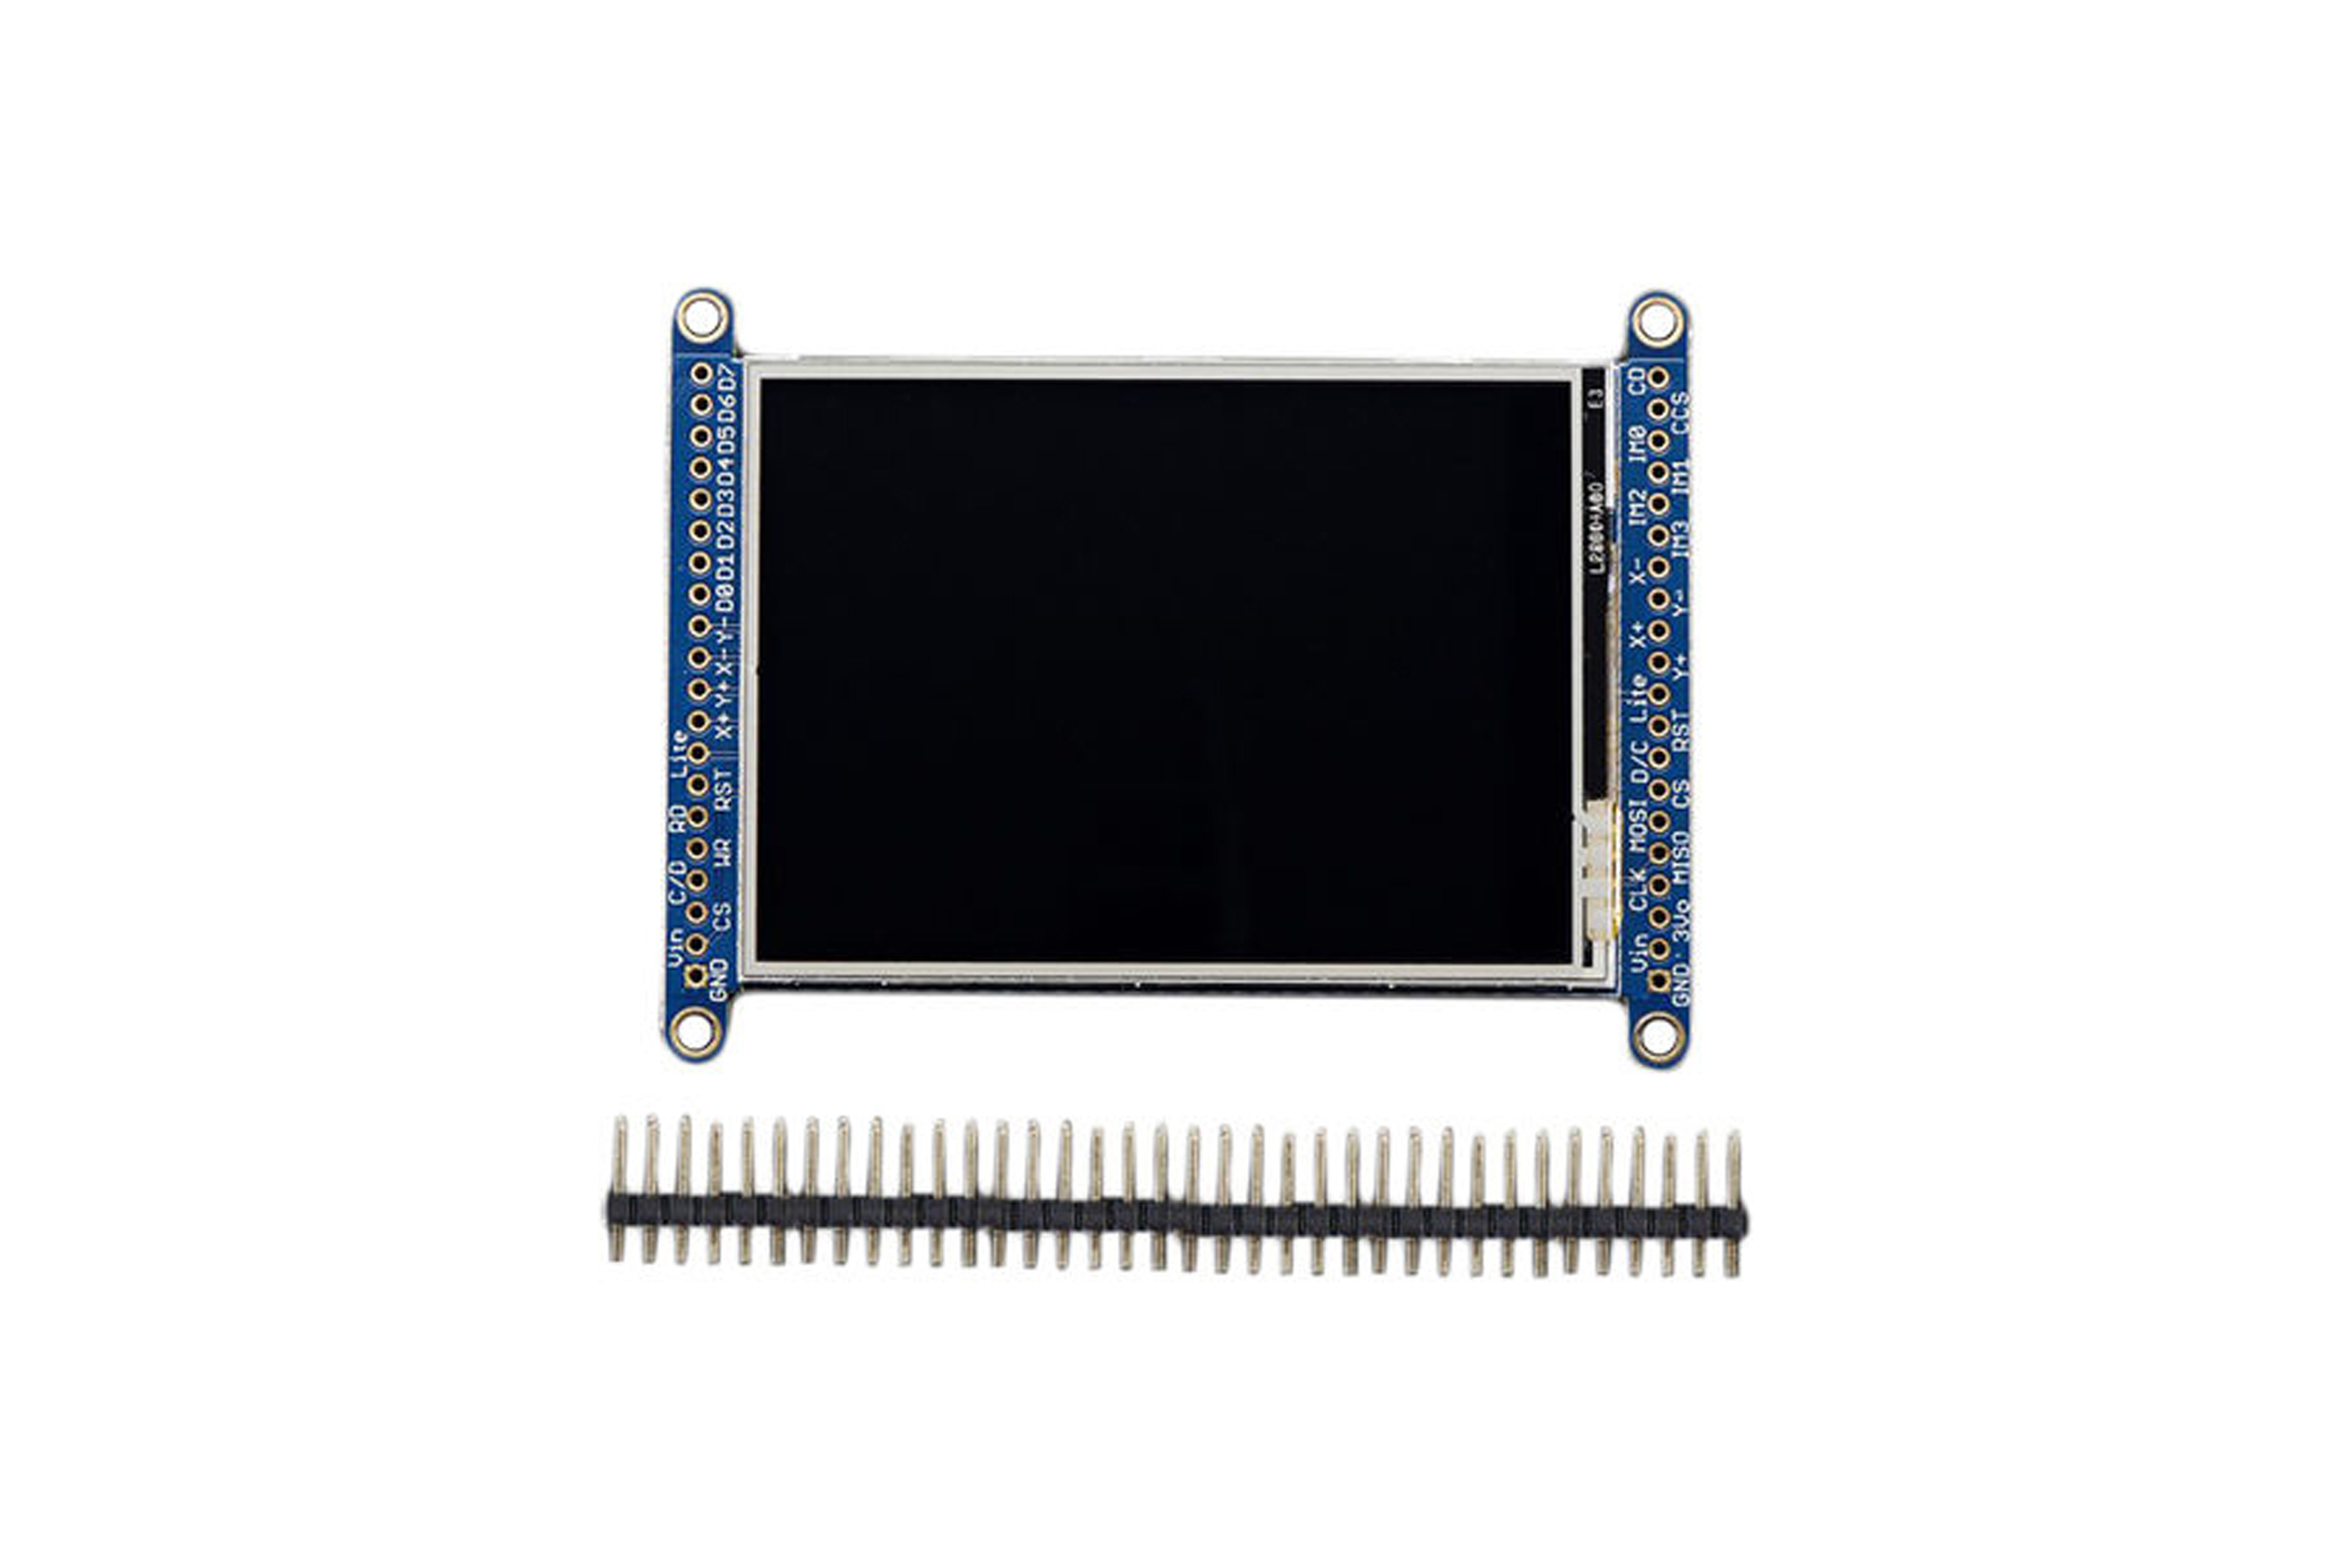 2.8インチ LCDタッチスクリーン ブレイクアウトボード